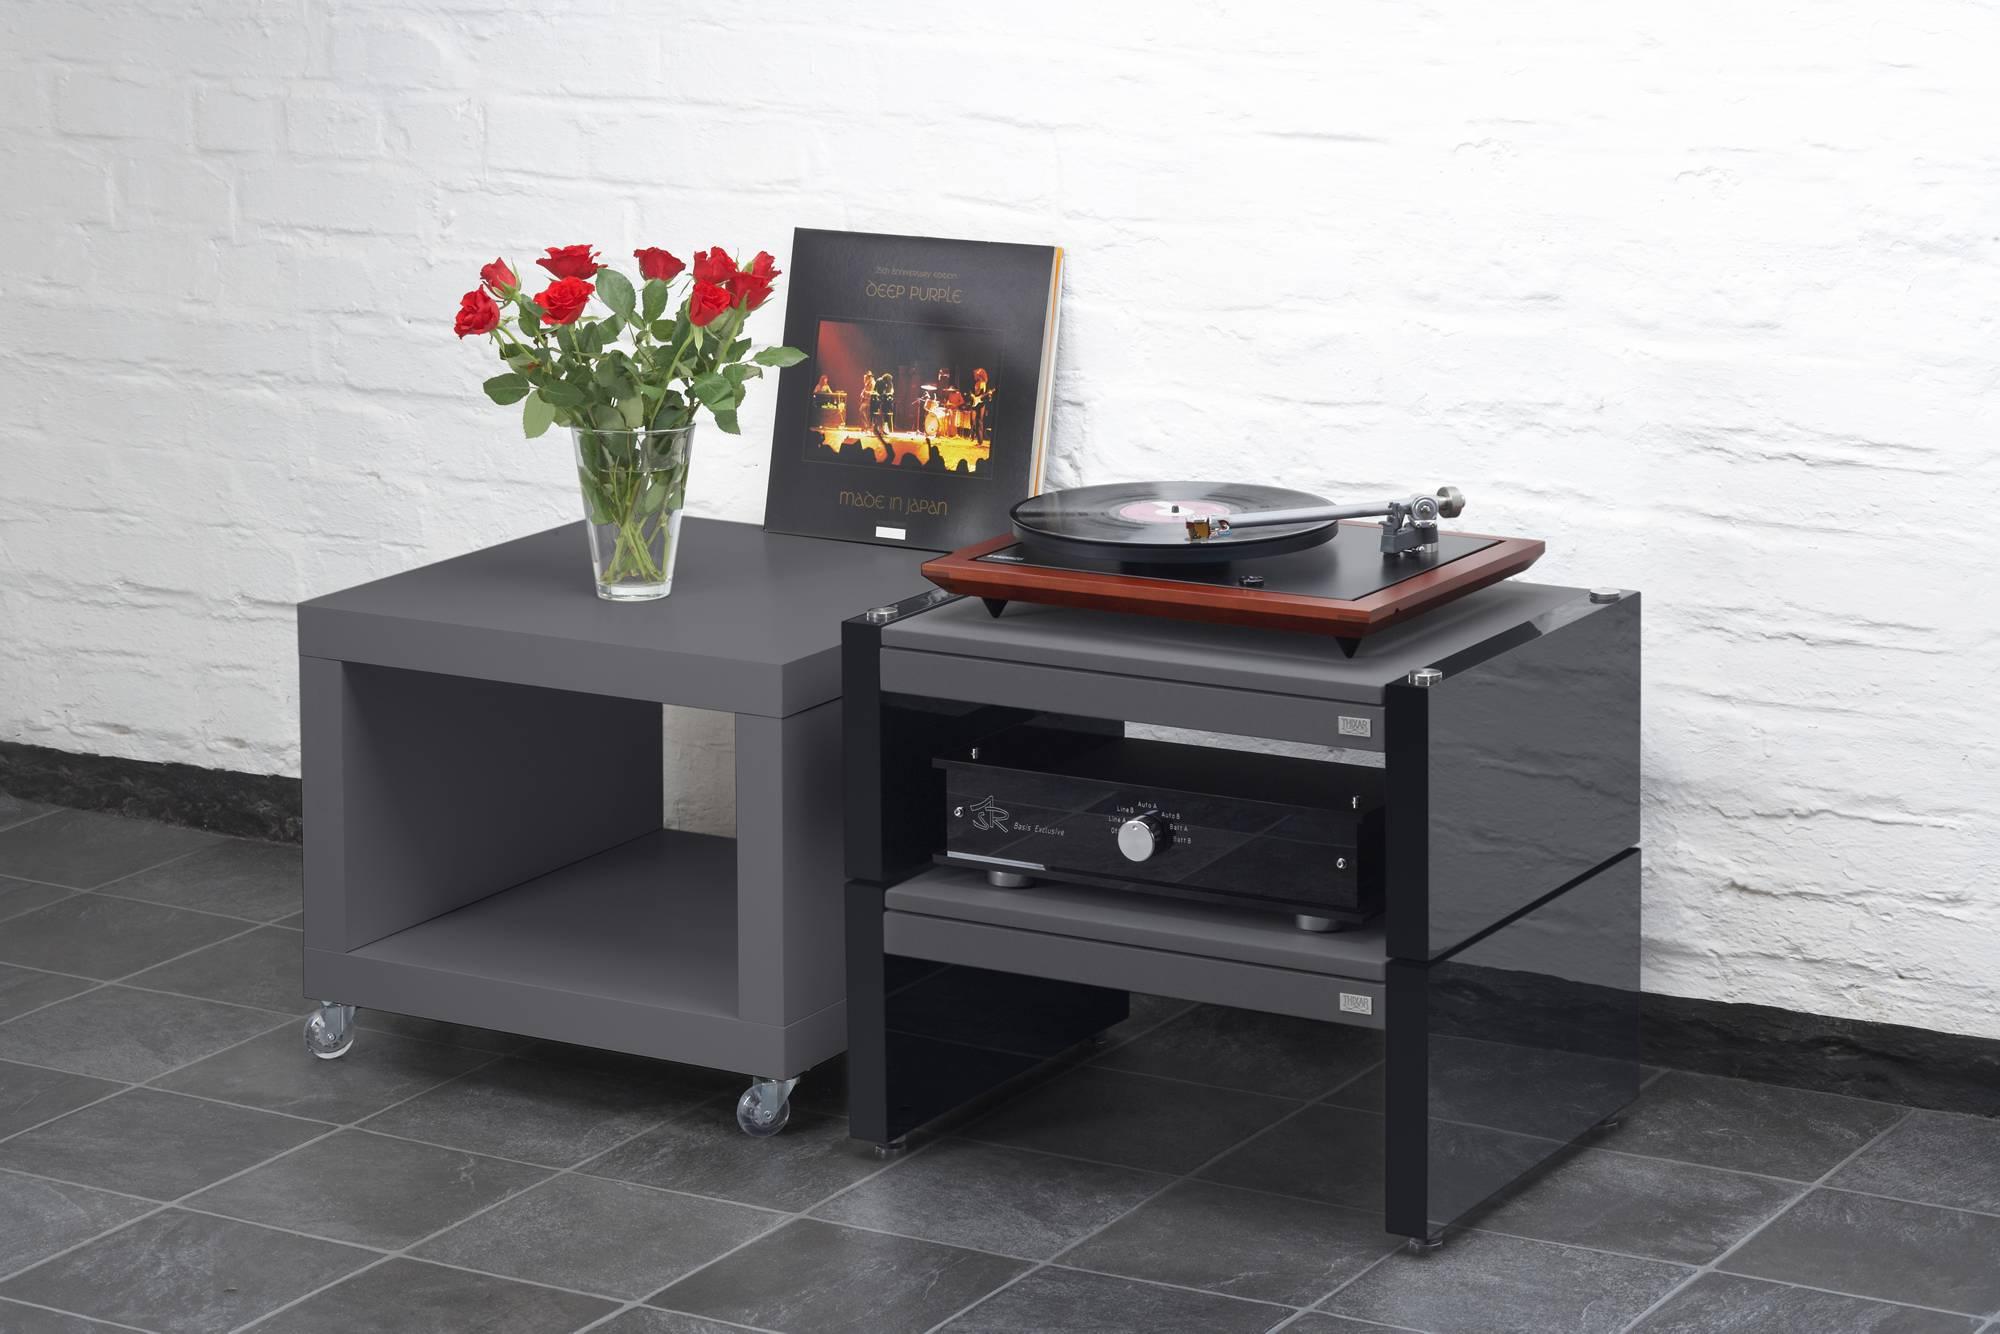 smd ultimate hifi rack thixar. Black Bedroom Furniture Sets. Home Design Ideas